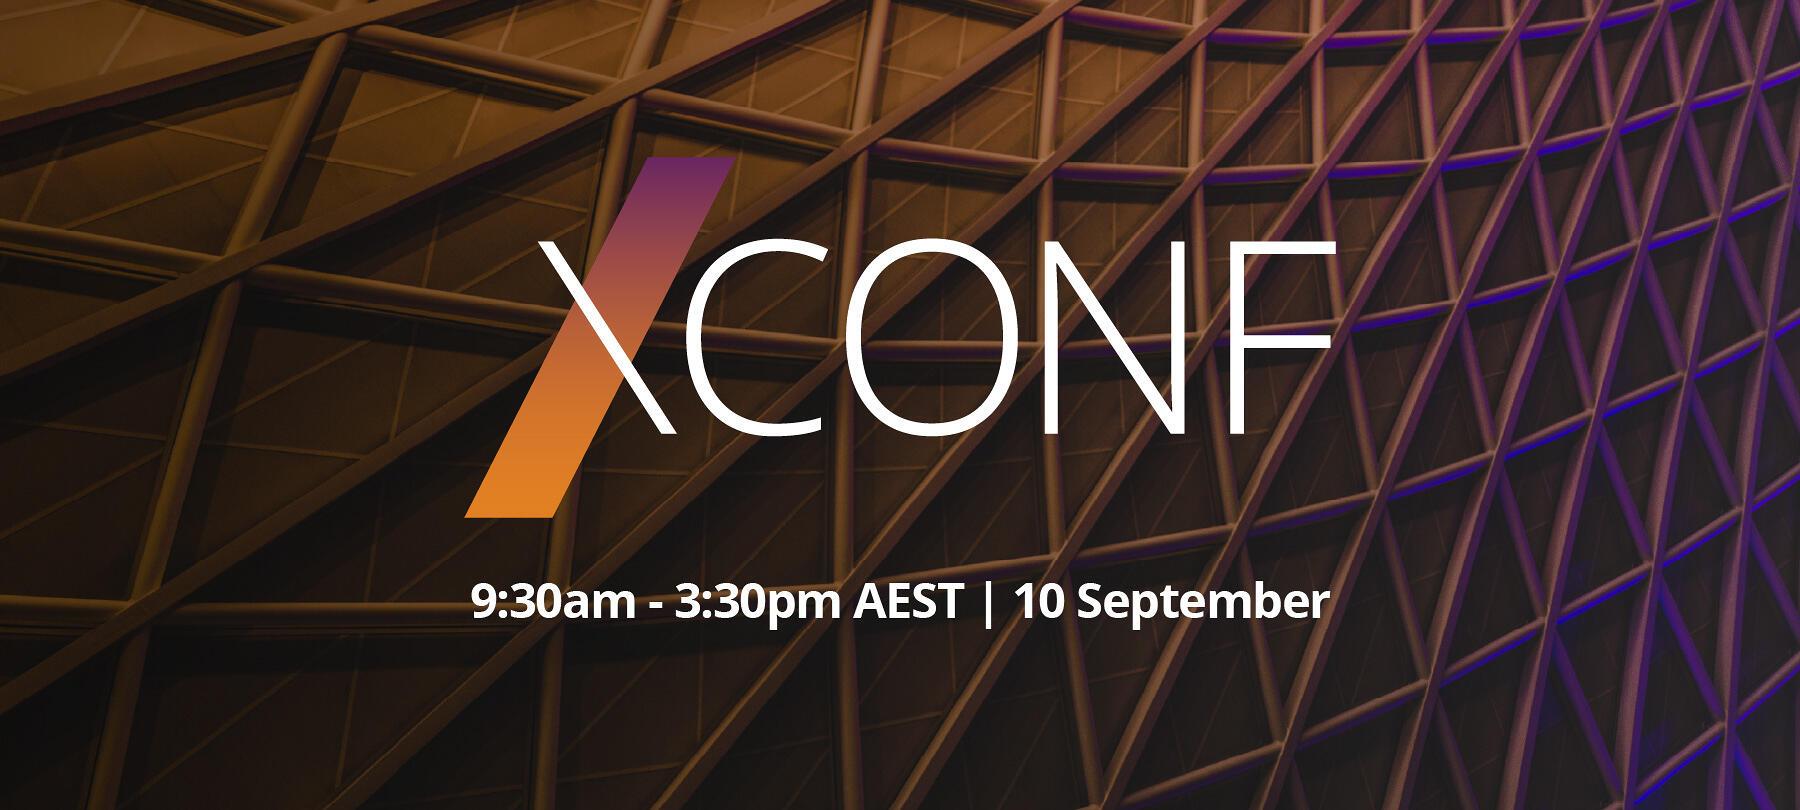 Xconf Australia | Online | September 10